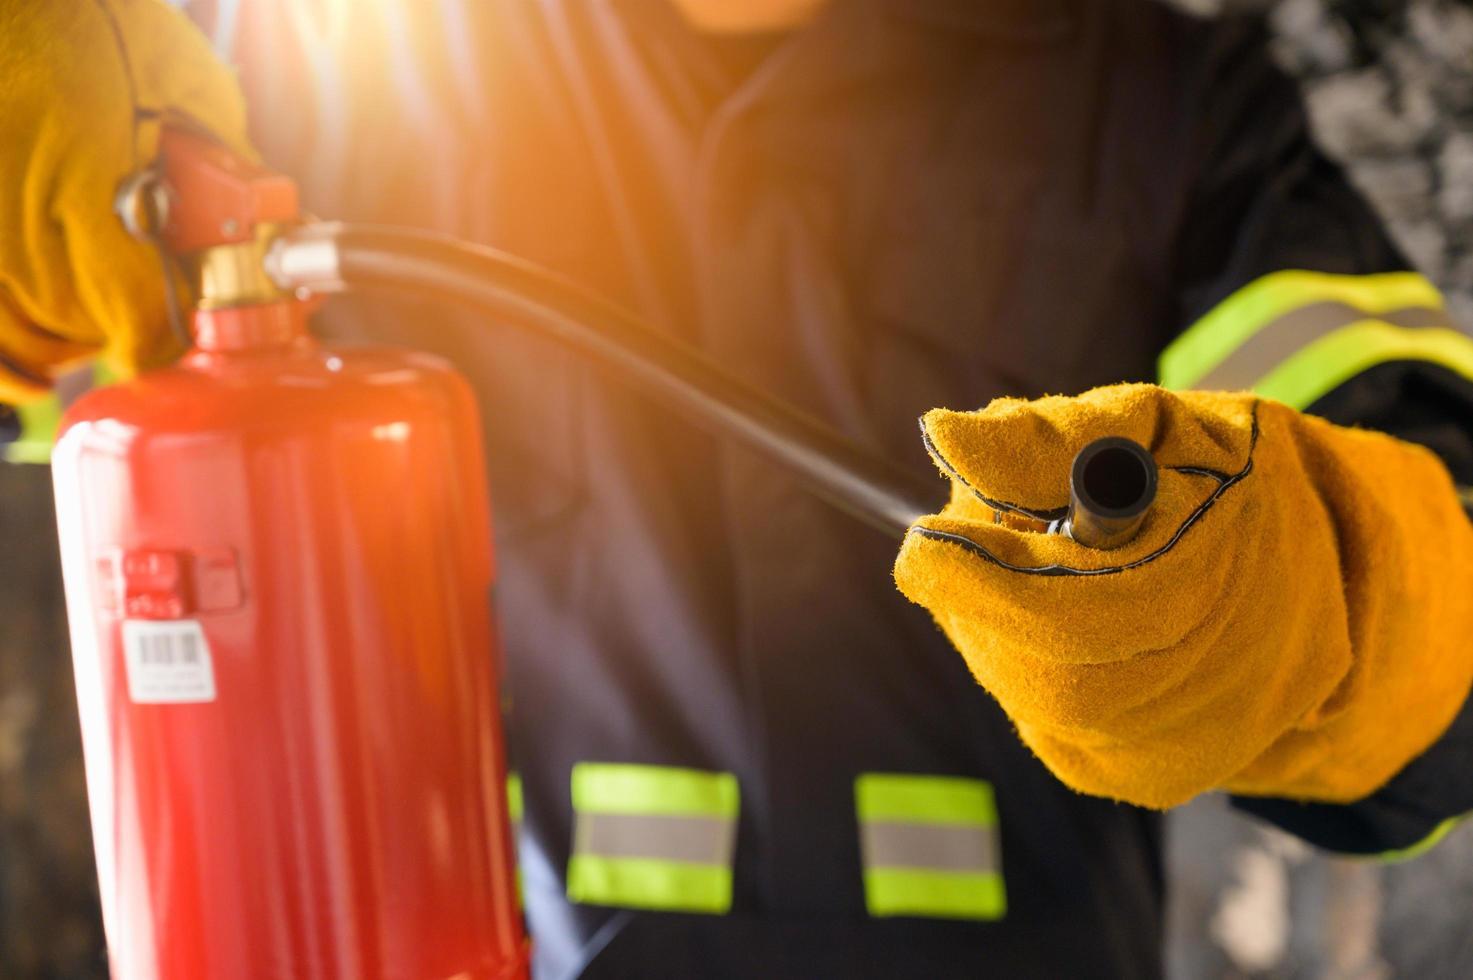 bombero con extintor de incendios foto